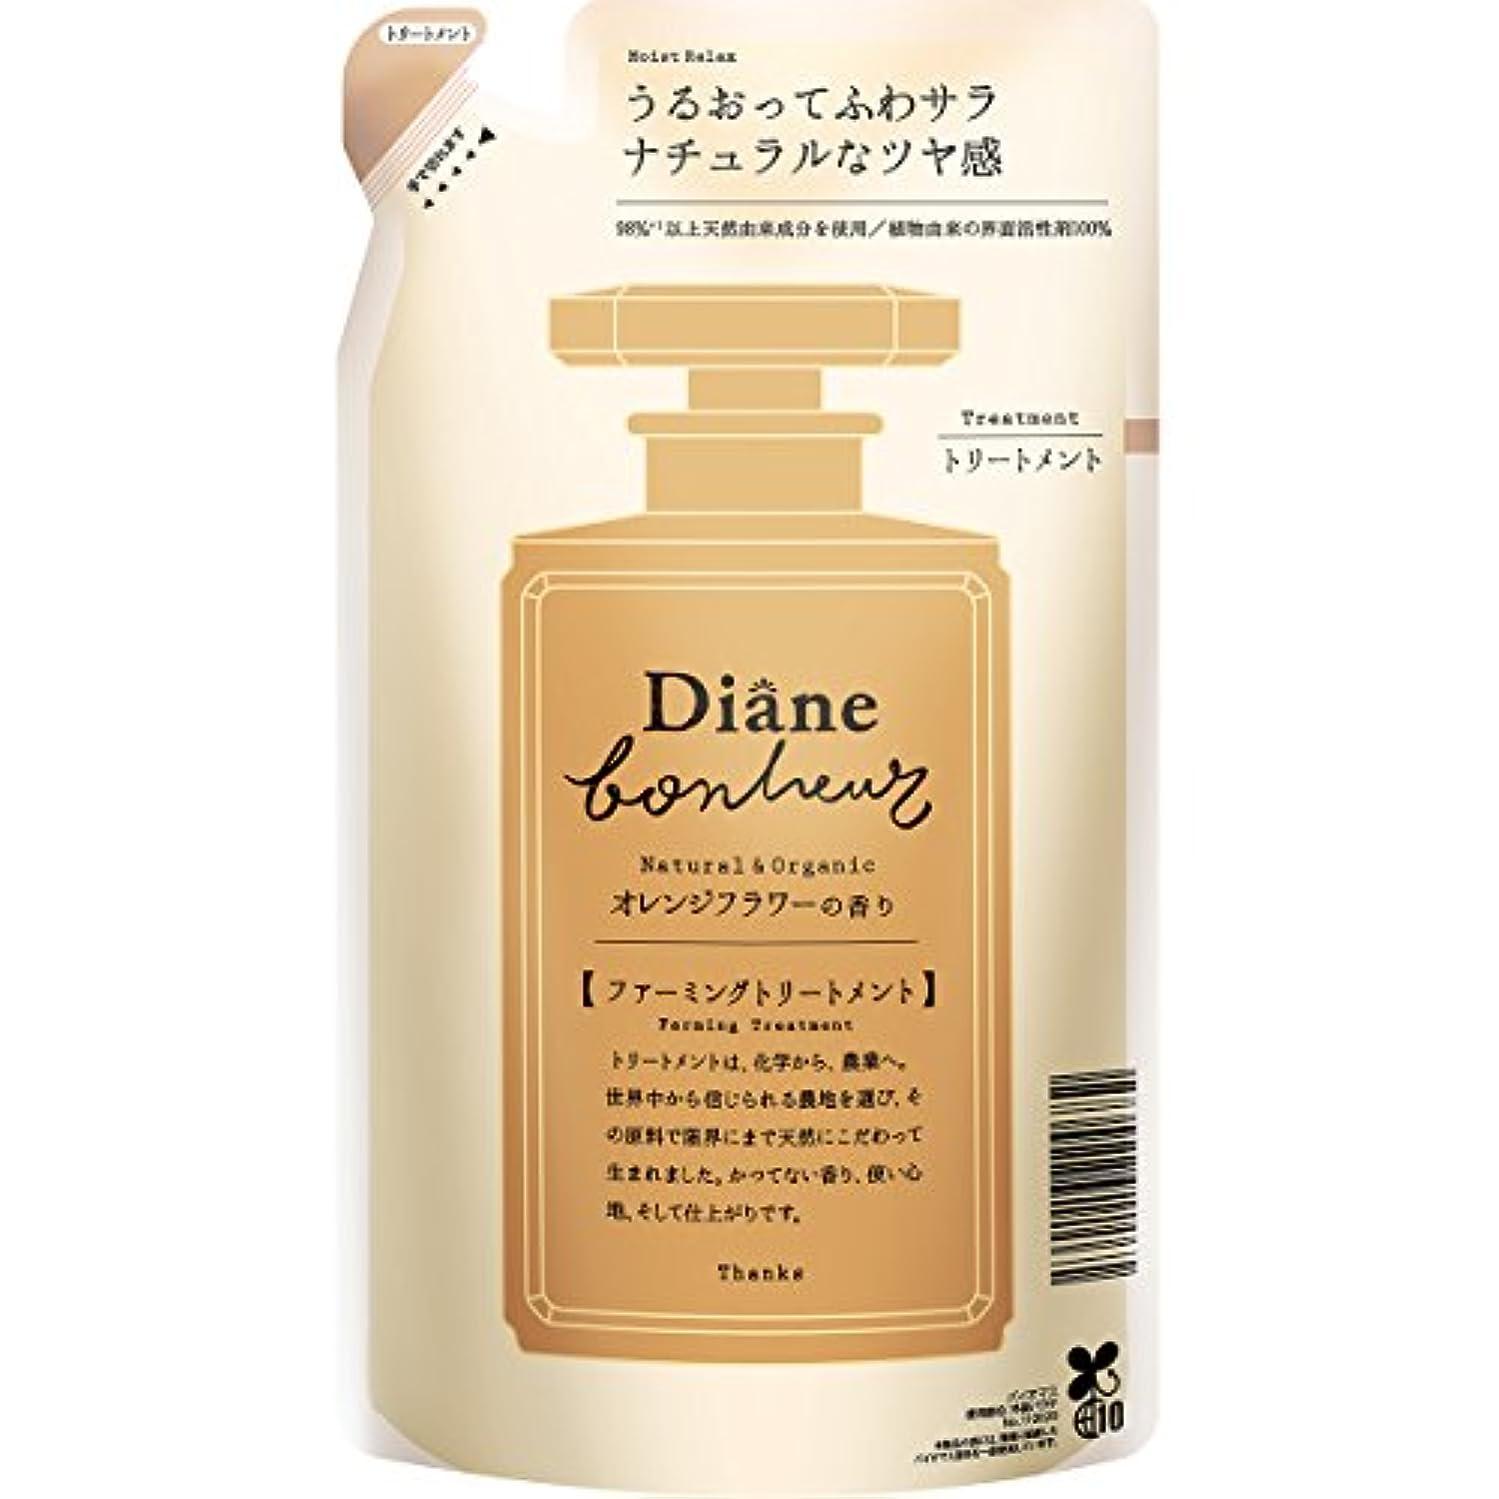 ペスト甘くする式ダイアン ボヌール オレンジフラワーの香り モイストリラックス トリートメント 詰め替え 400ml